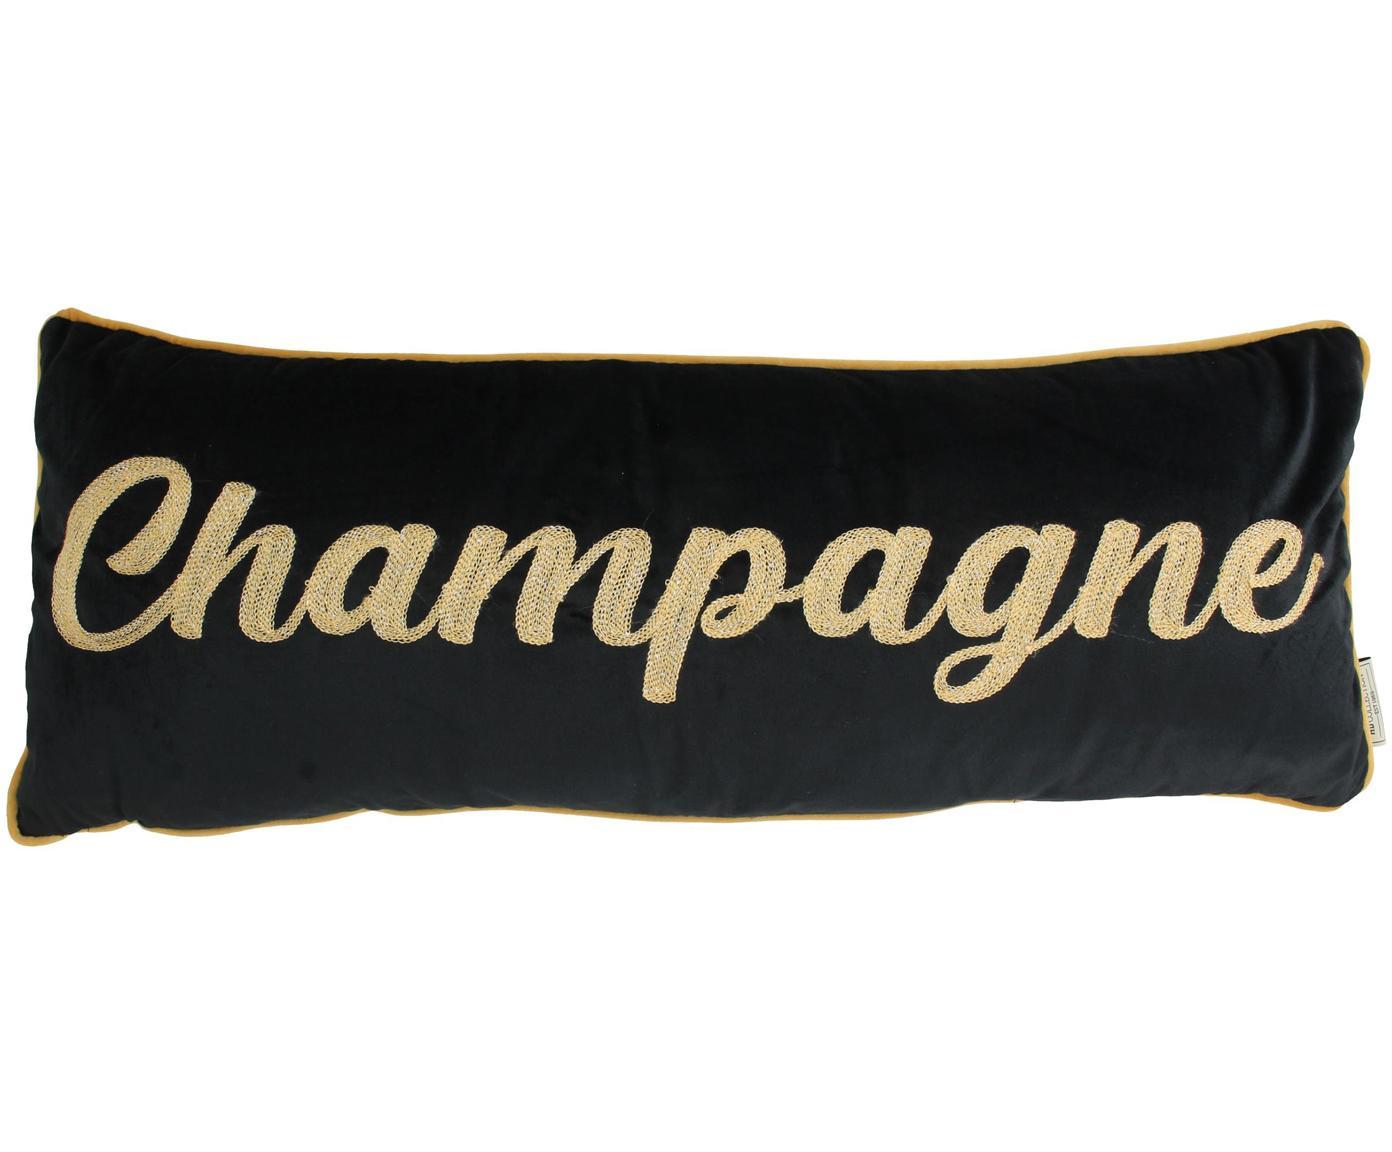 Samt-Kissen Champagne, mit Inlett, Polyestersamt, Schwarz, Goldfarben, 30 x 80 cm